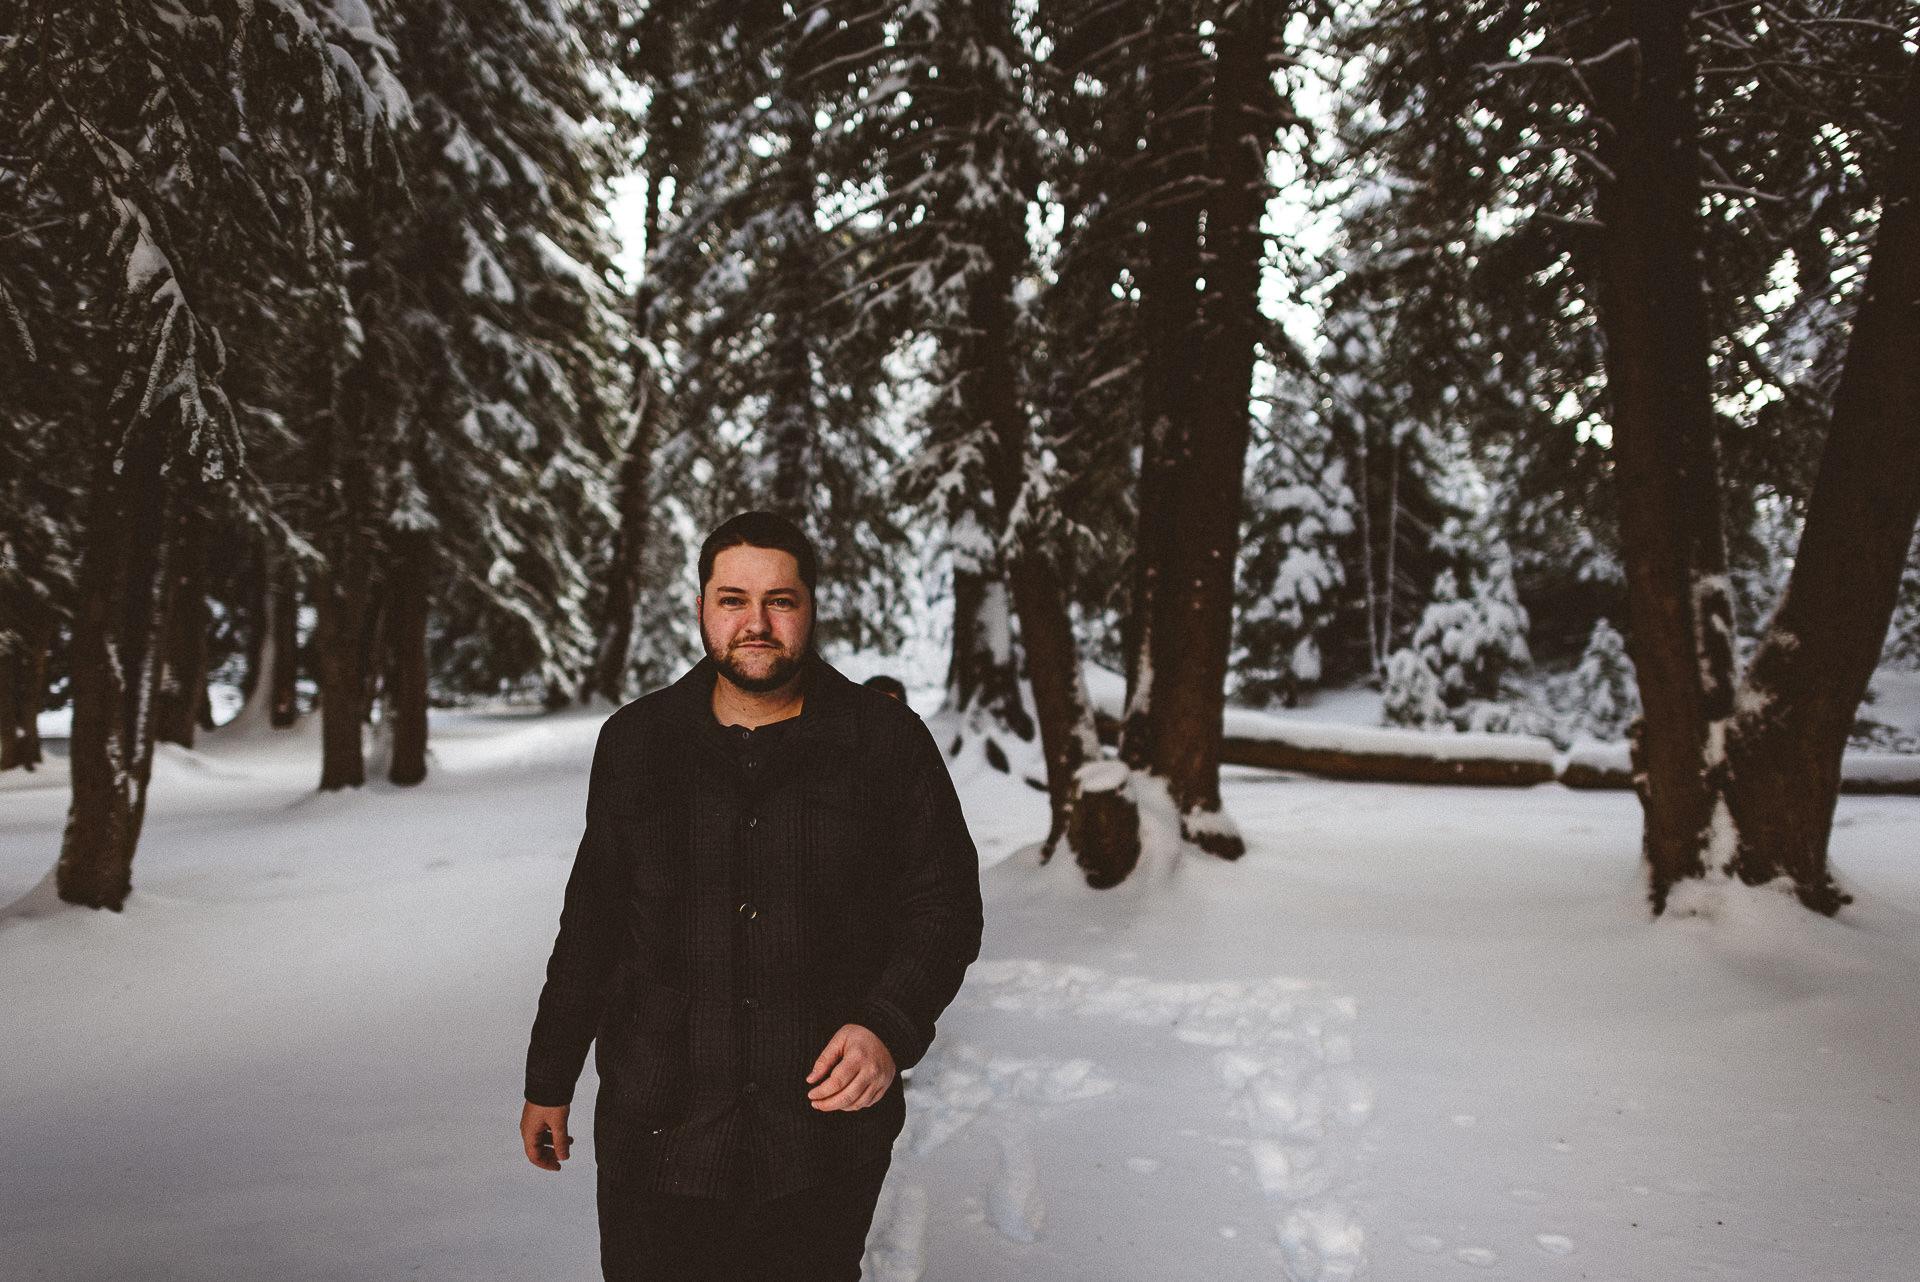 guy walking in snowy tree line